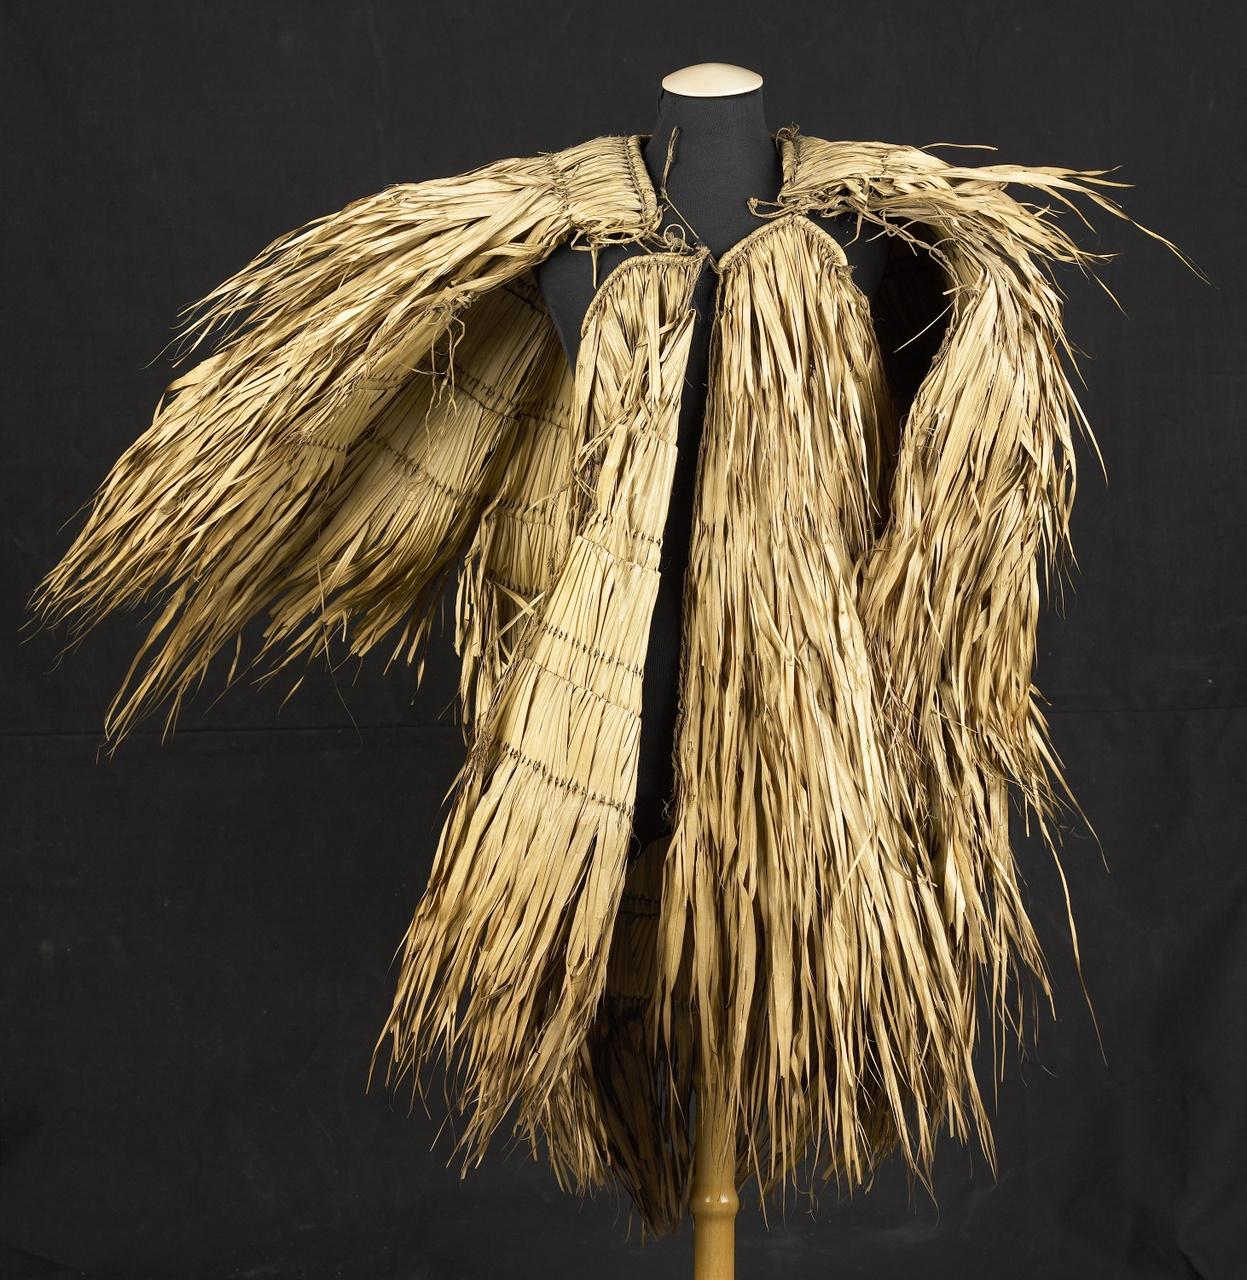 Mantel van boombladeren afkomstig van Dajak op Borneo, Dajak (volk)